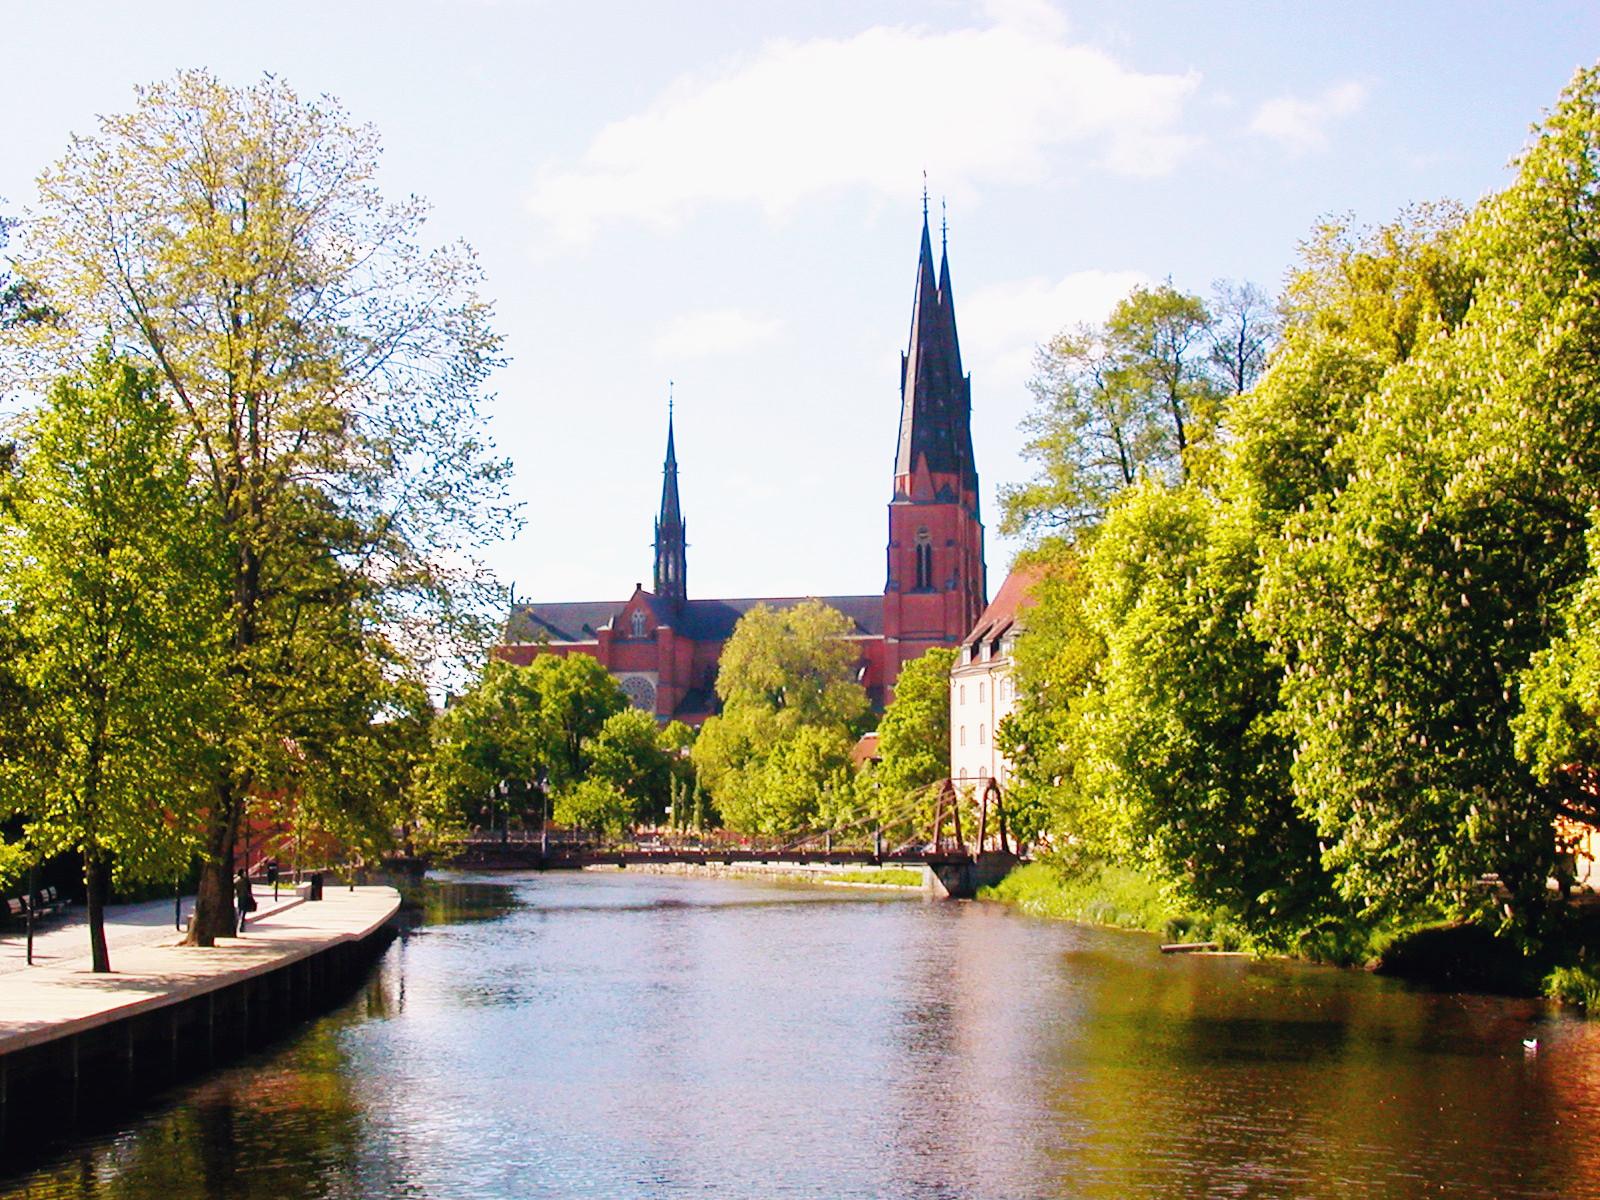 乌普萨拉瑞典